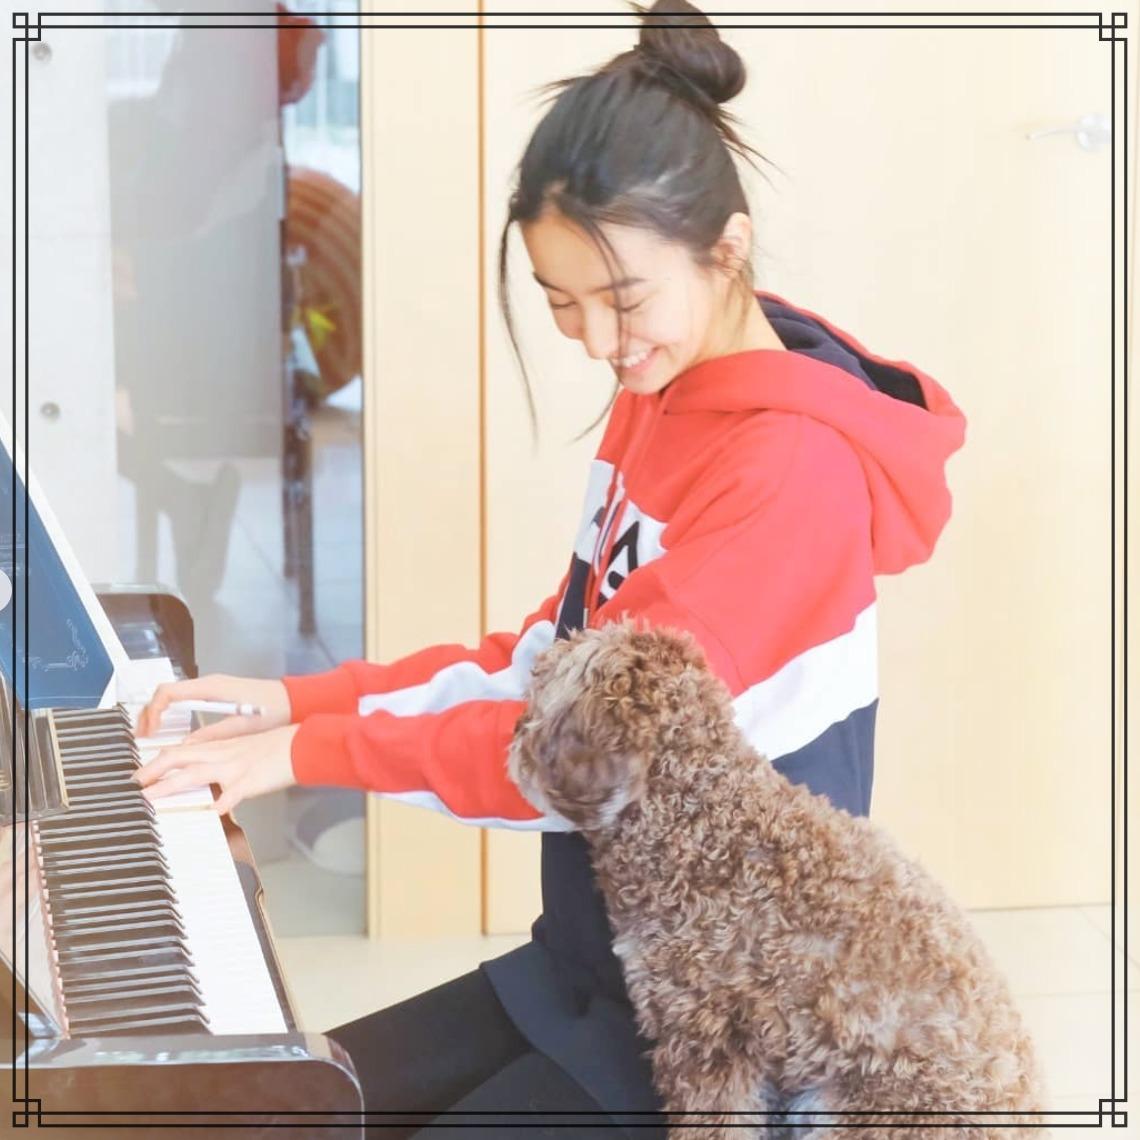 ピアノを弾くkokiさん